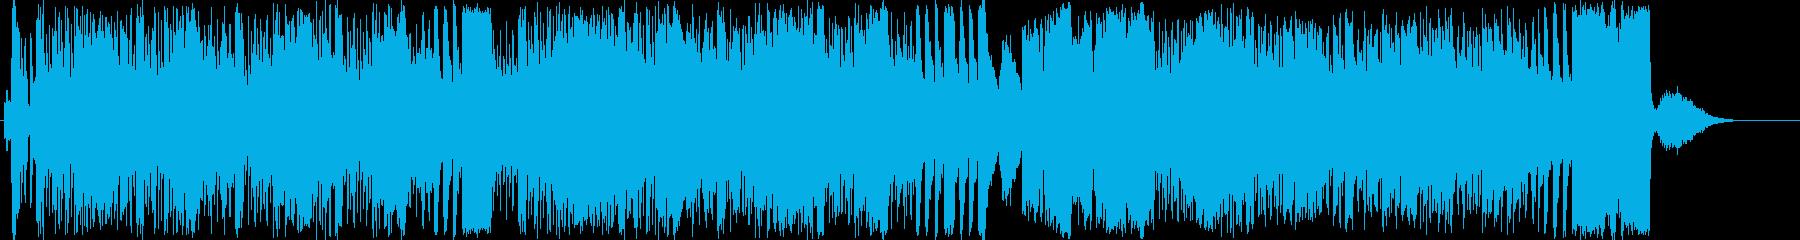 慌てる、急ぐ、走るコミカルなBGMの再生済みの波形